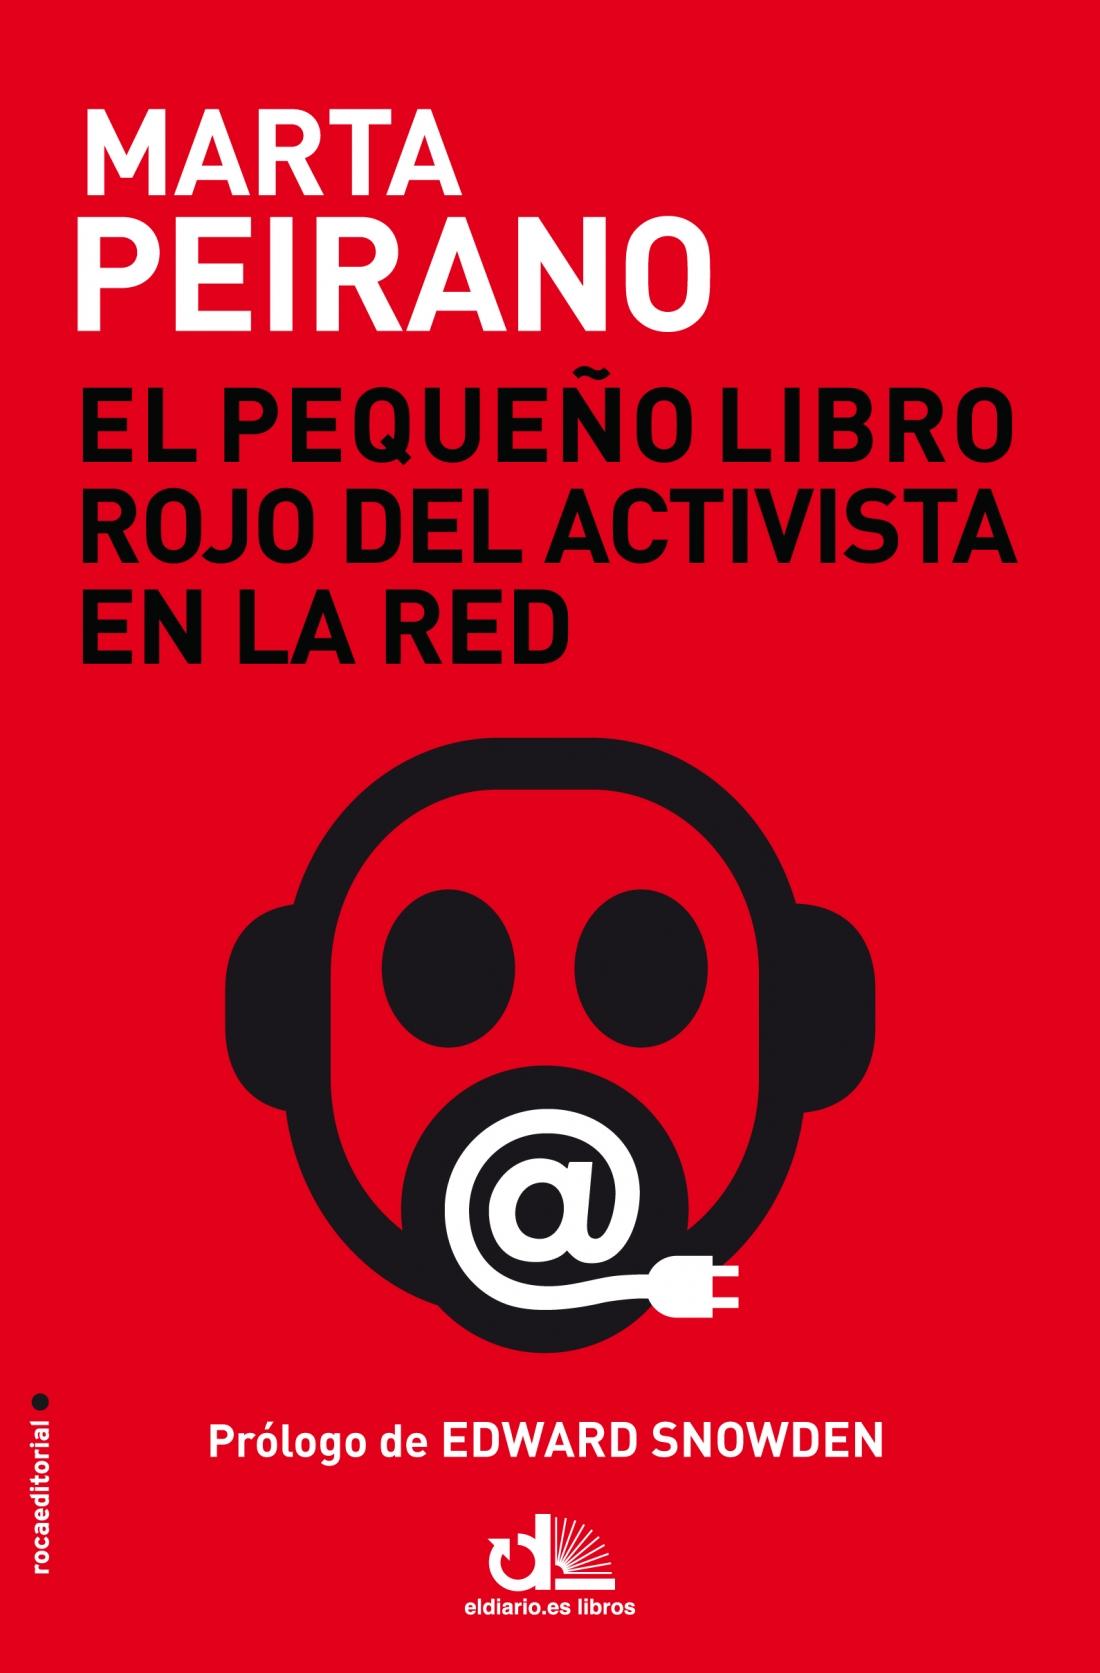 2015-04-08-1428511391-7318159-9788499187778El_Pequenyo_Libro_Rojo_Del_Activista_En_La_RedMarta_Peiranoalta.jpg